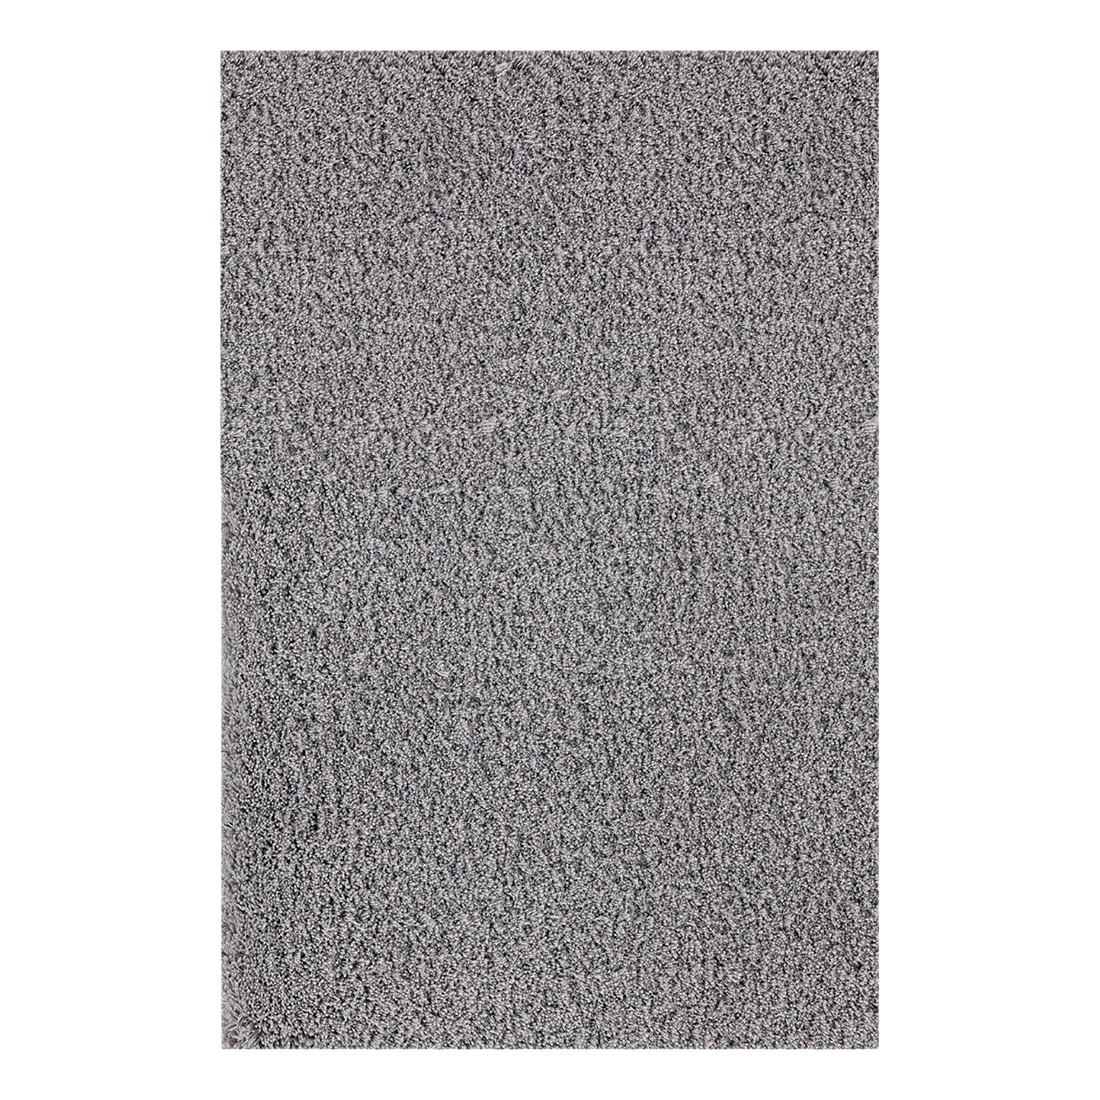 Teppich Livorno – Silber – 170 x 240 cm, Astra jetzt kaufen